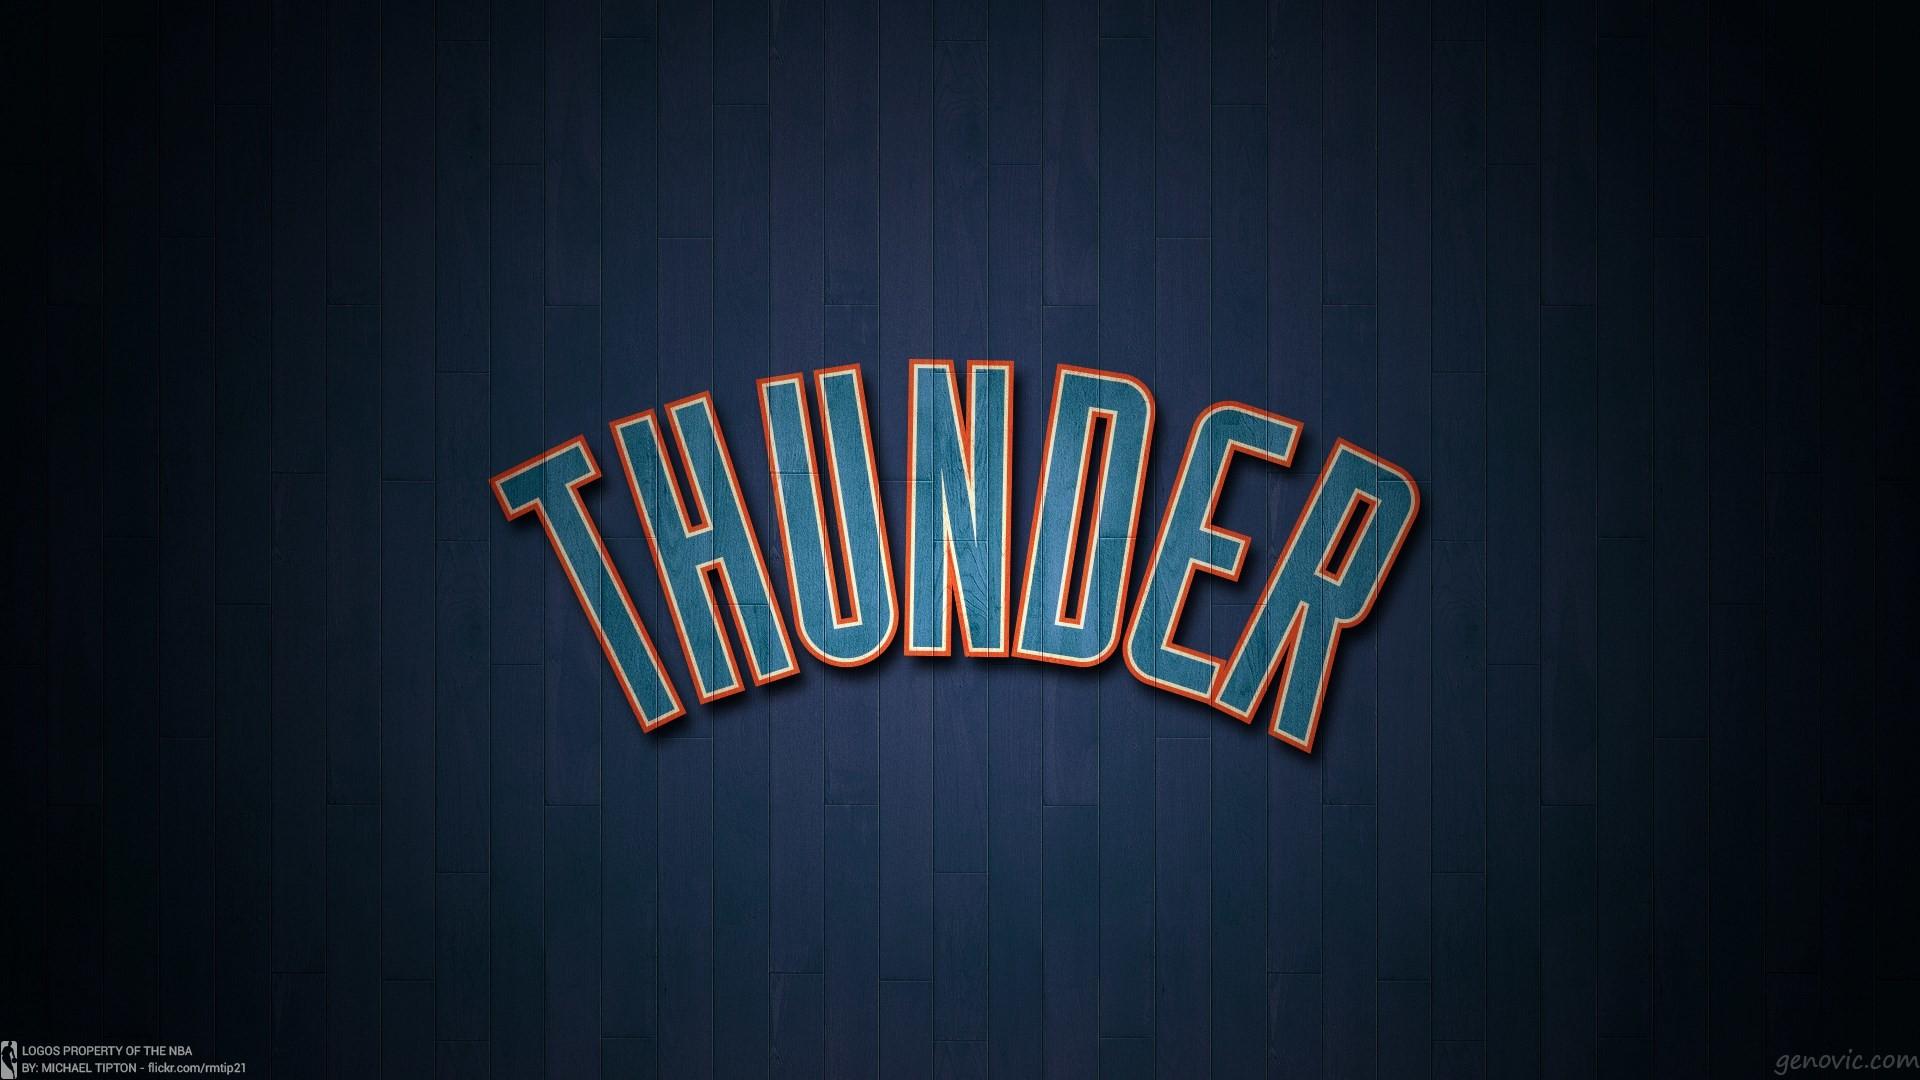 Oklahoma City Thunder Wallpaper HD (62+